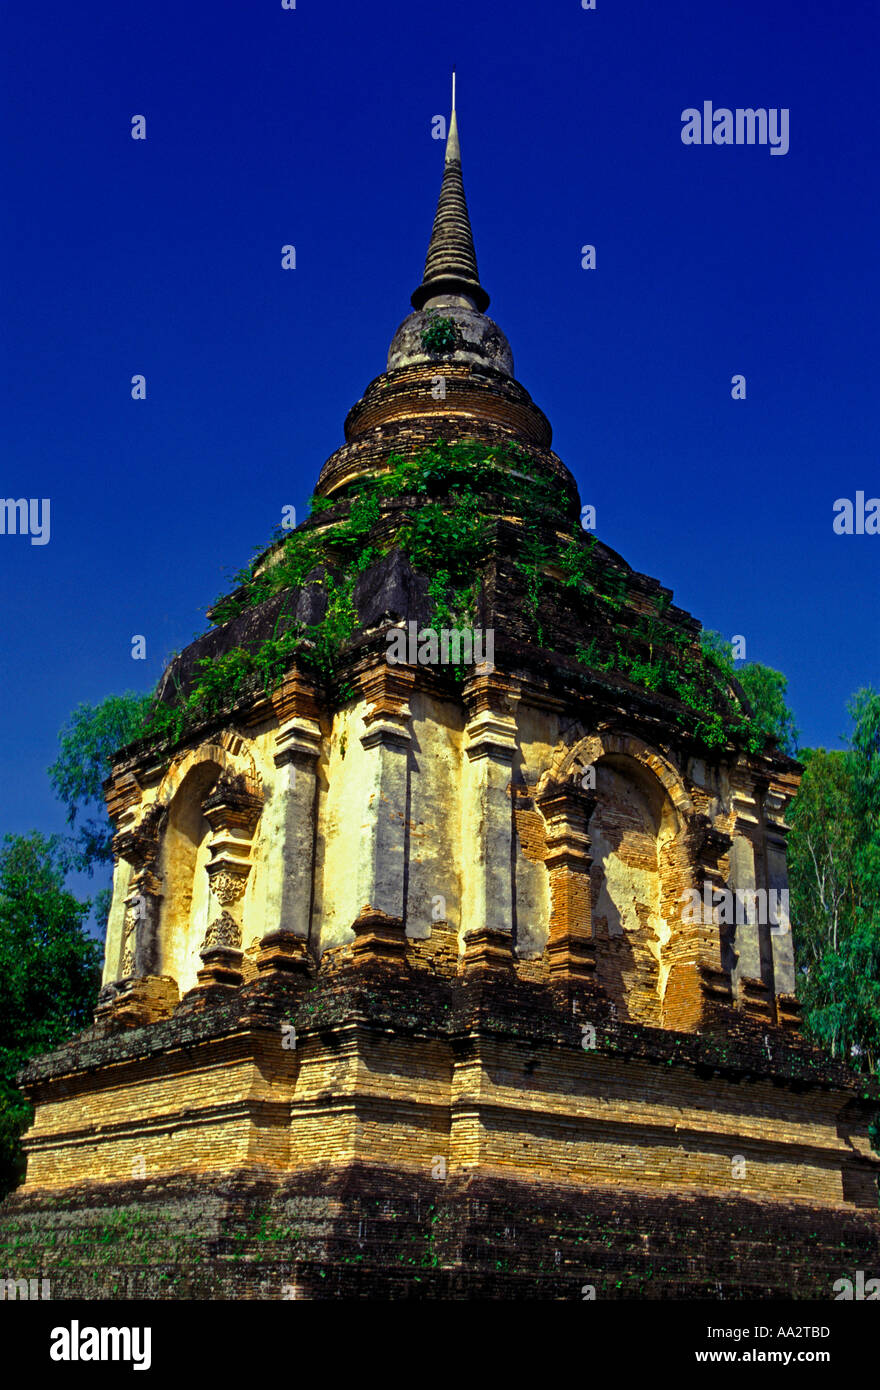 Phra Chedi At Wat Ched Yod Wat Jet Yot 15th Century Chiang ...